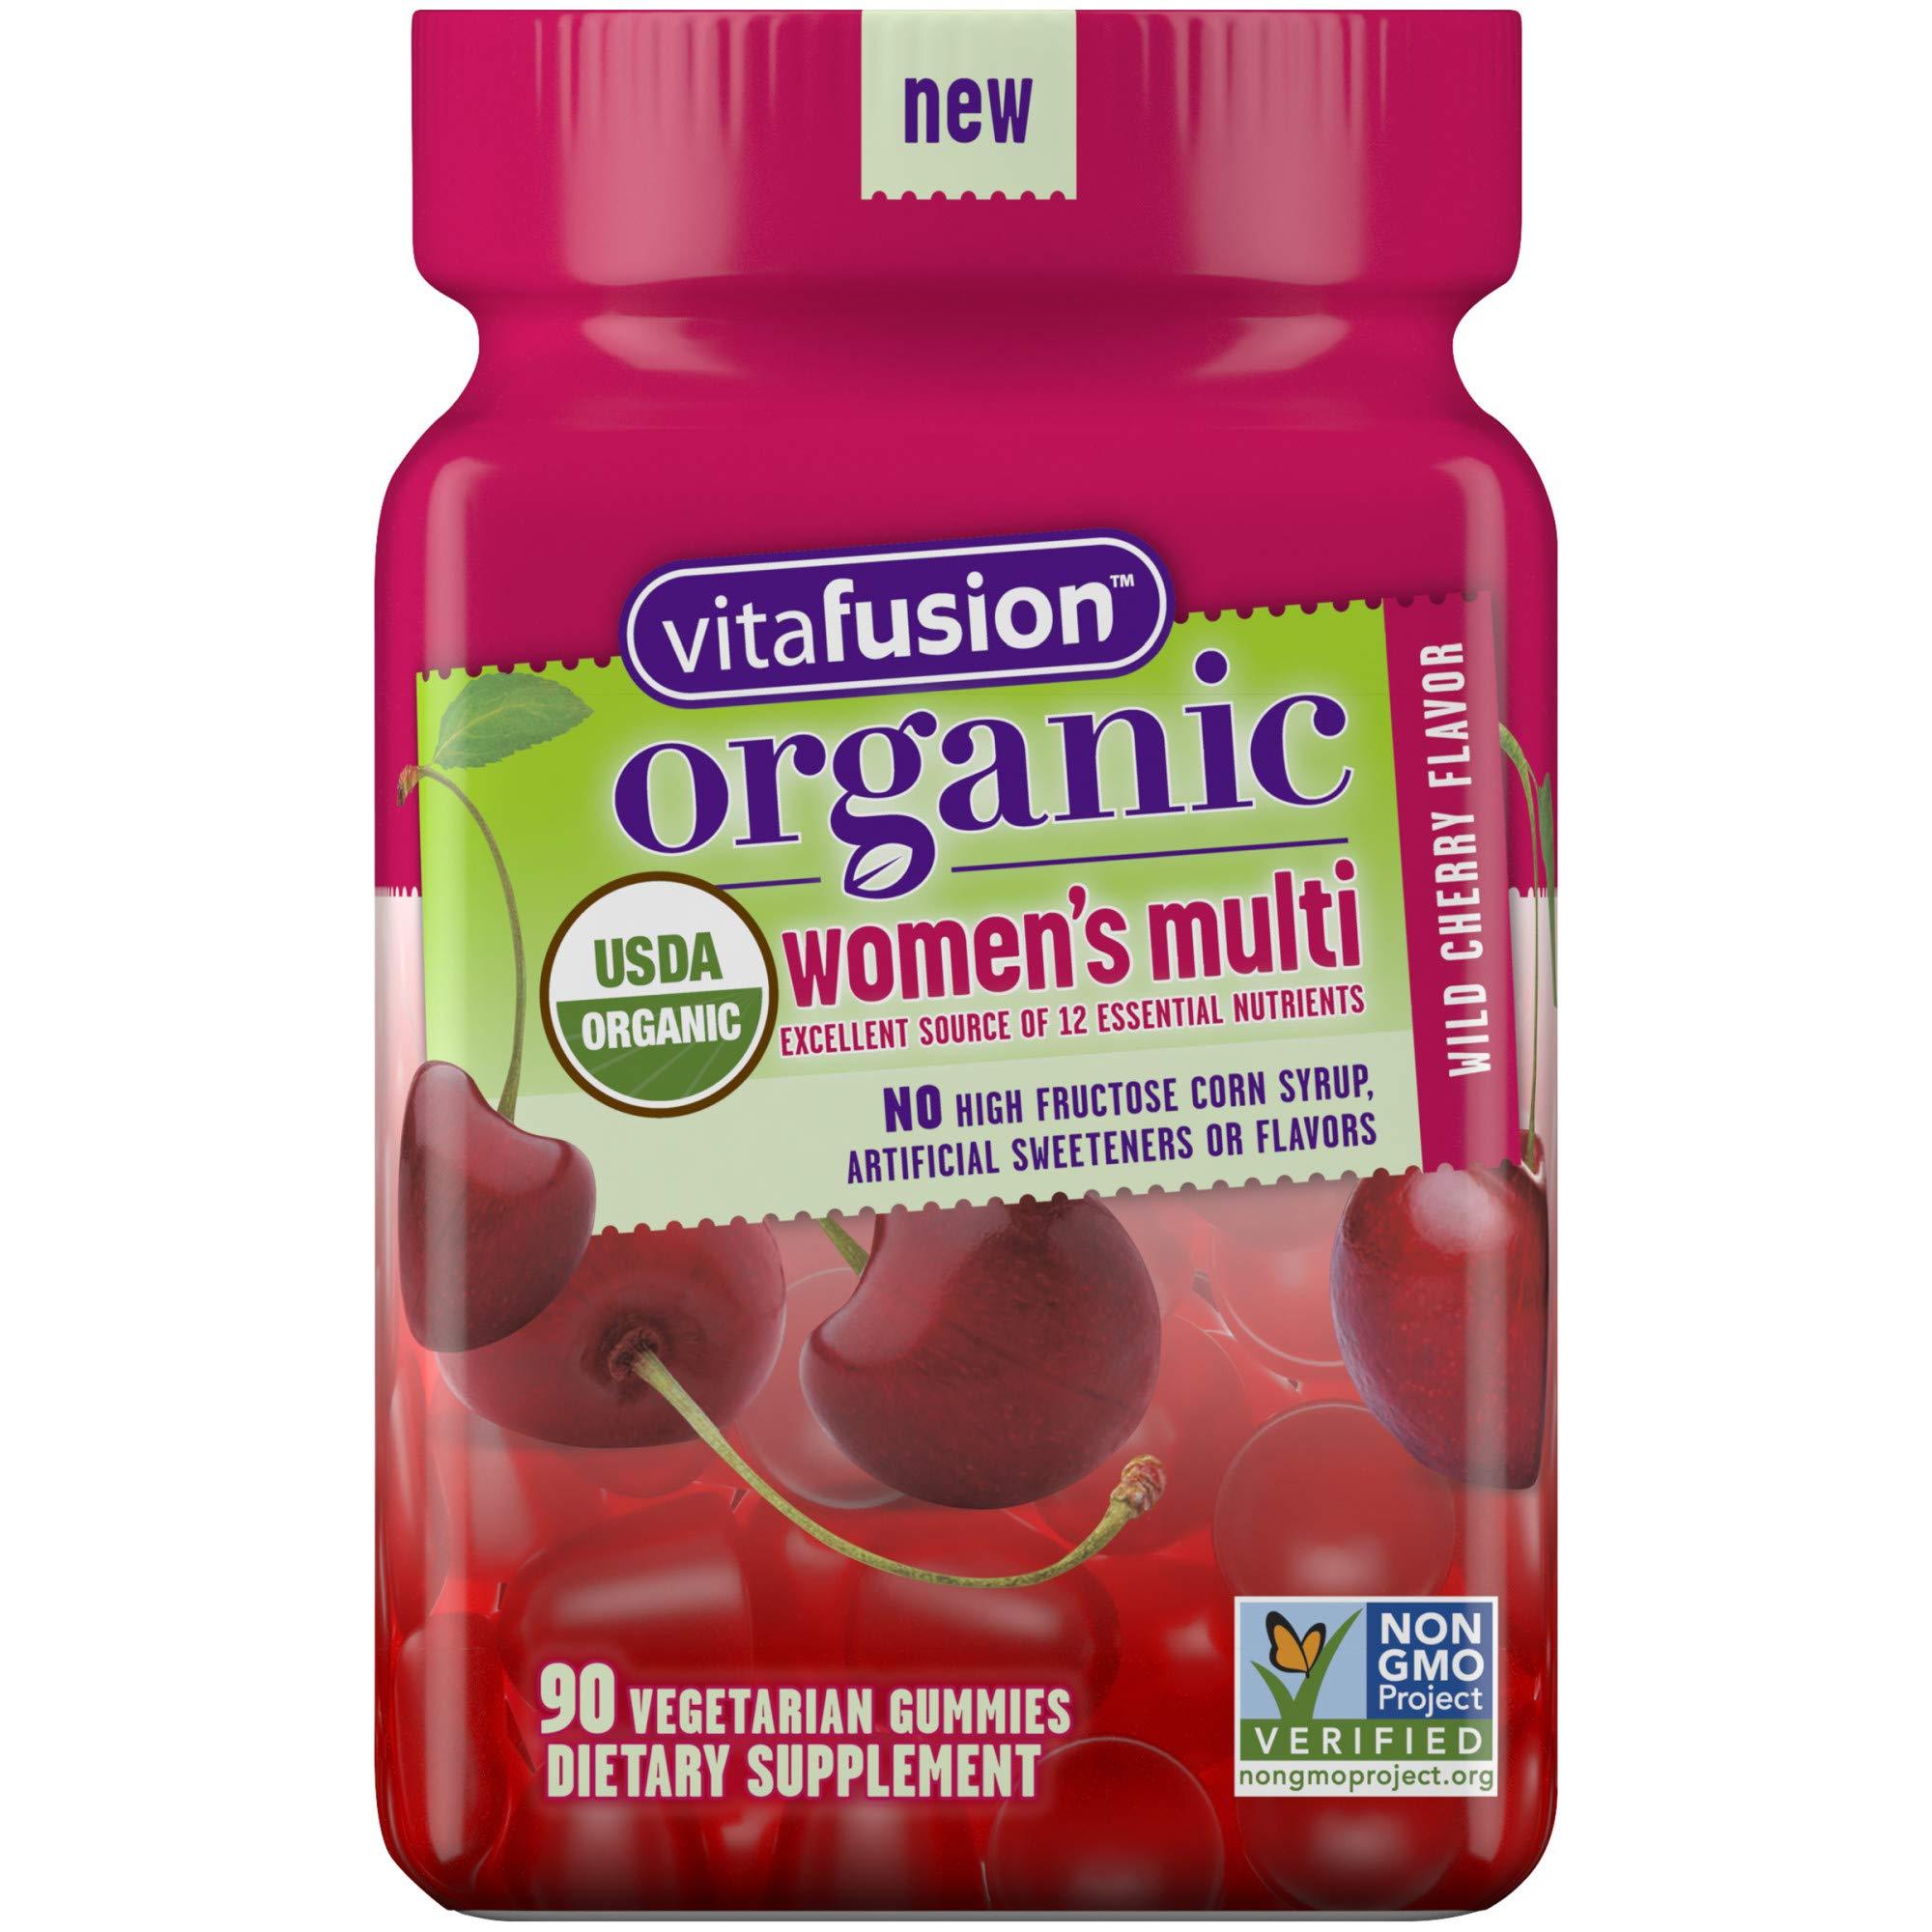 Vitafusion Organic Womens Gummy Multivitamin